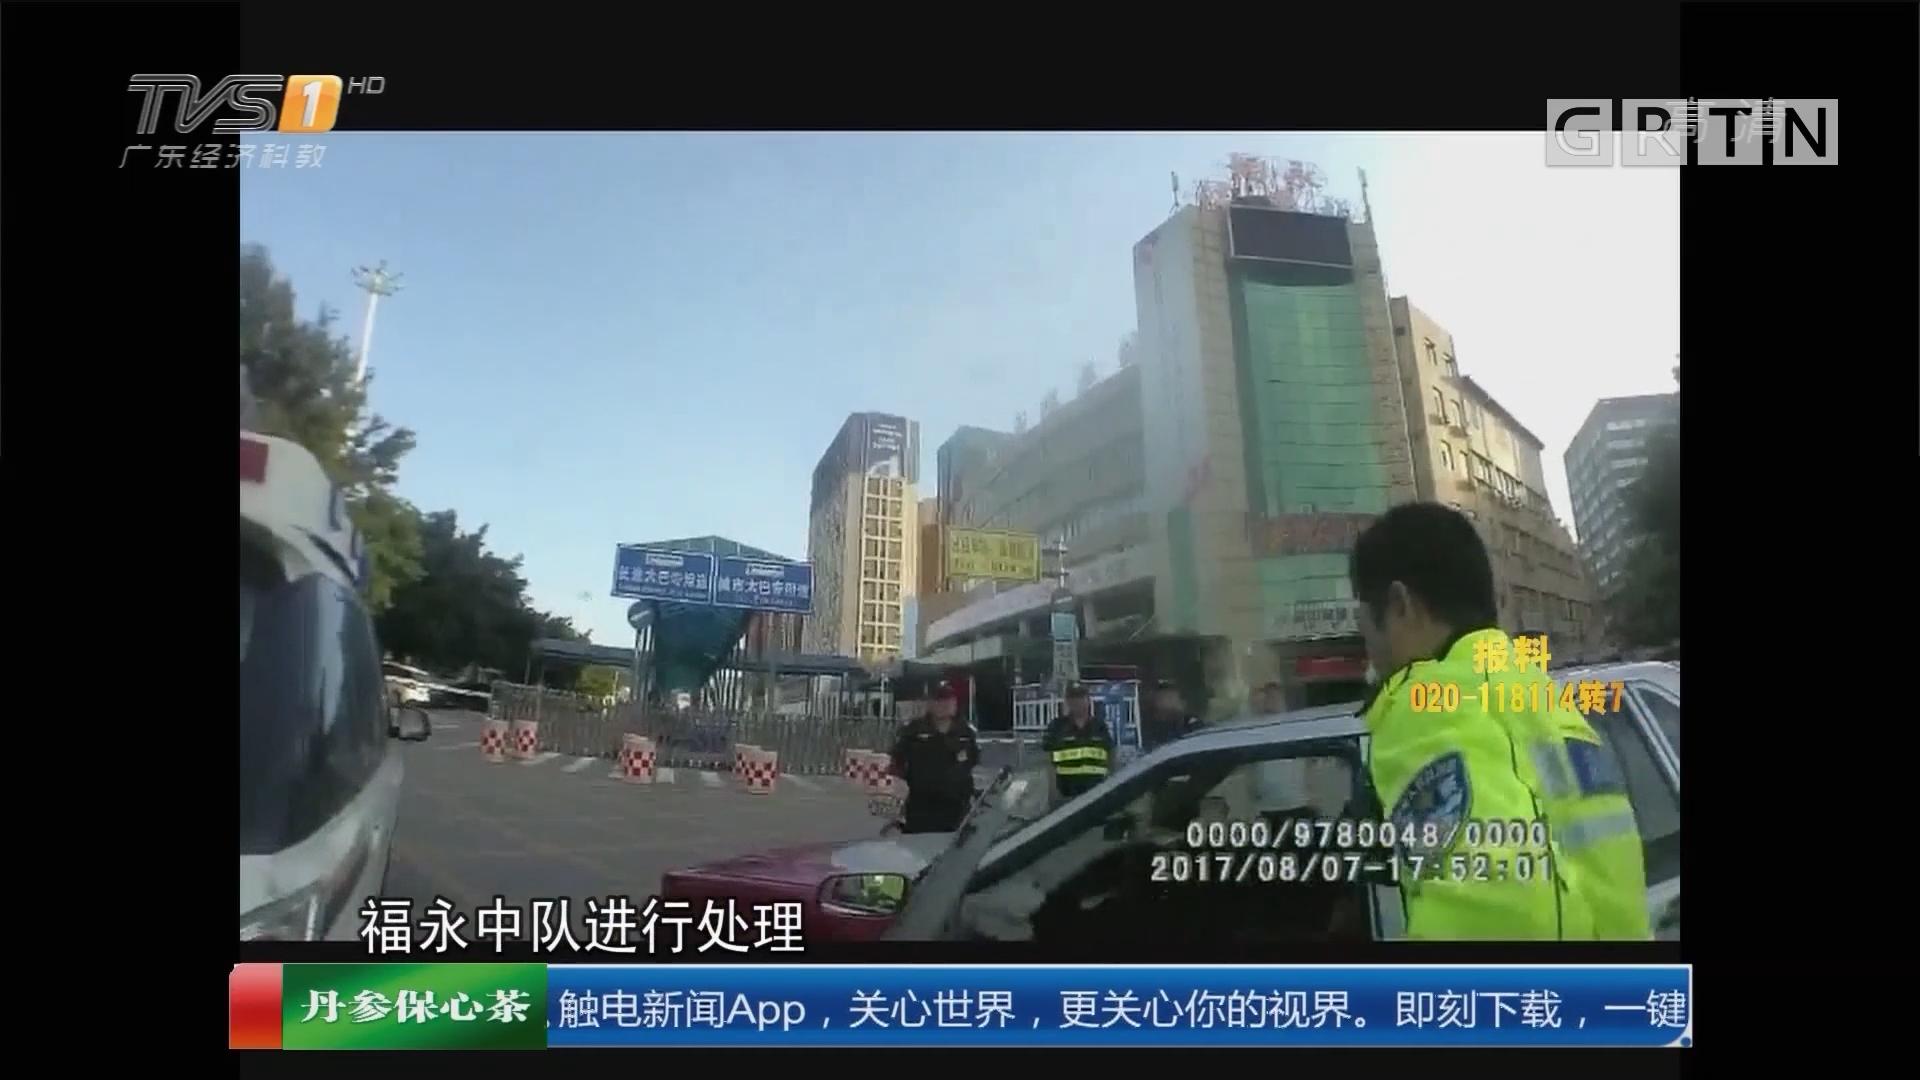 深圳宝安:的哥被查 疯狂逃窜拖行交警被抓获